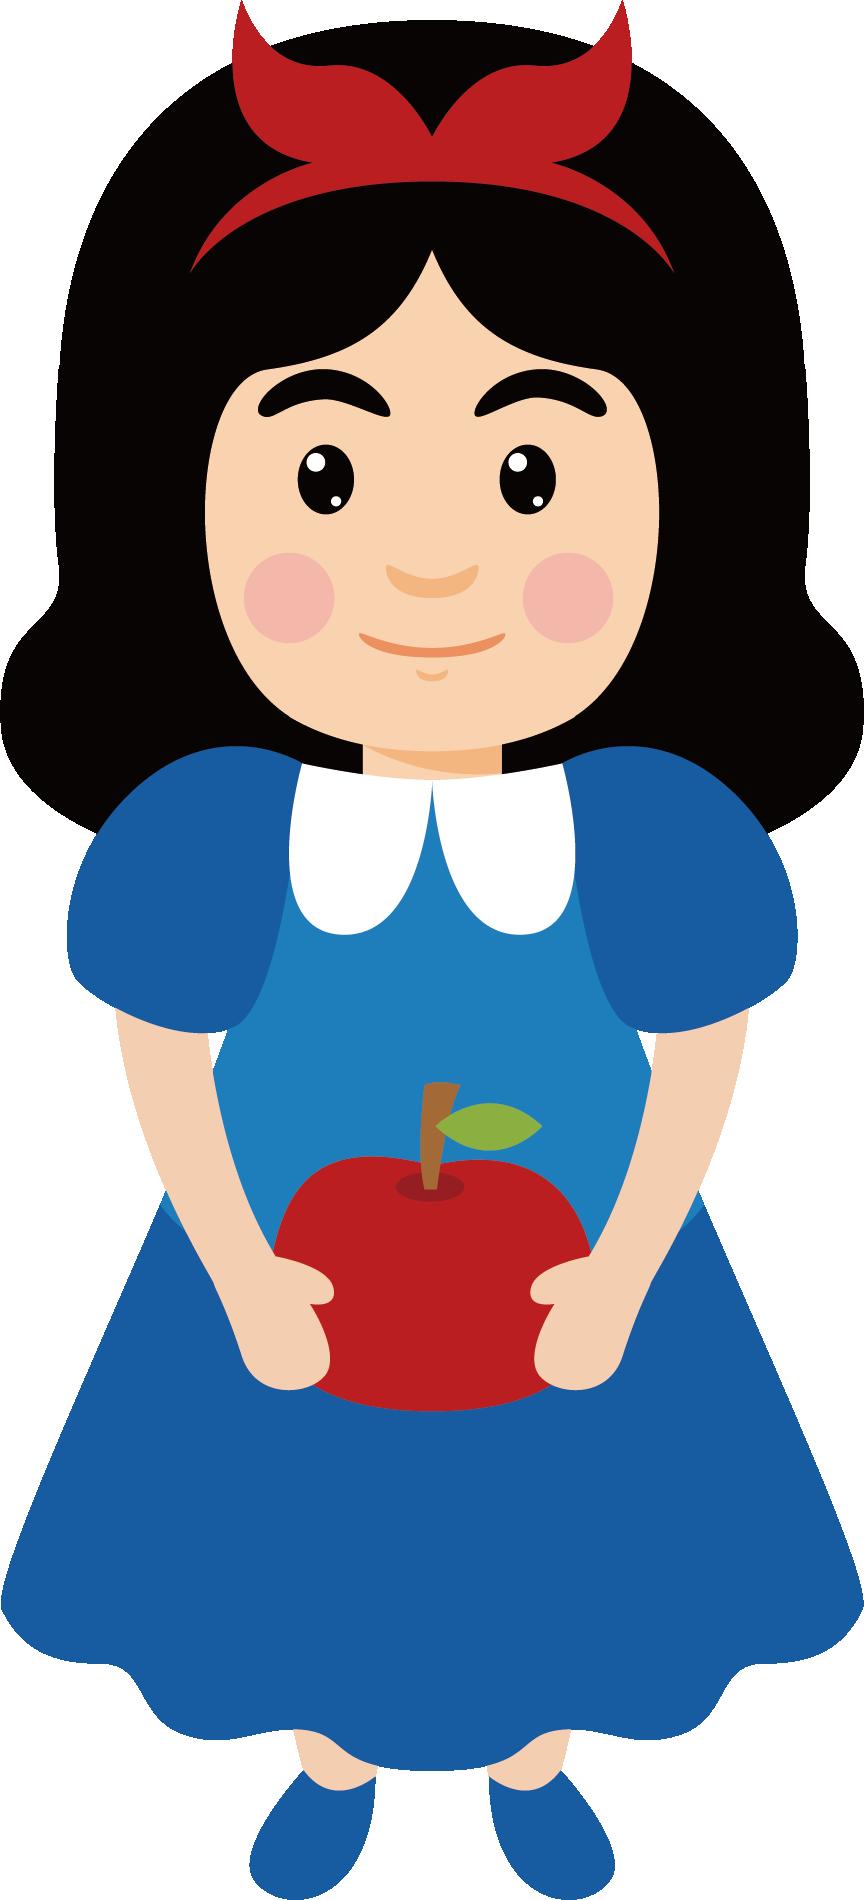 864x1900 Snow White Snow White Cartoon Clip Art